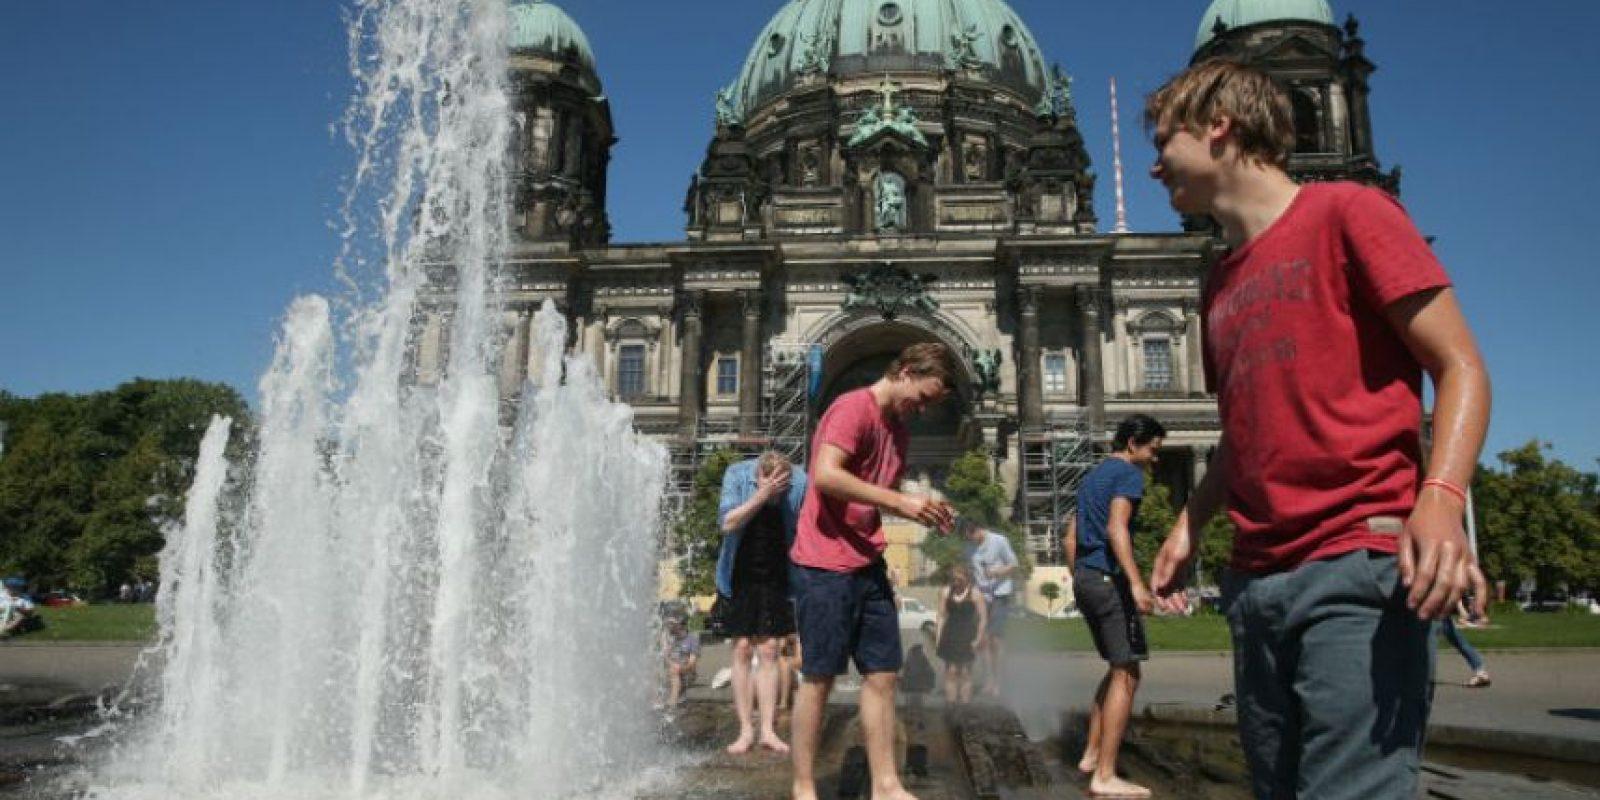 Las fuentes son un buen recurso para terminar con el calor. Foto:Getty Images